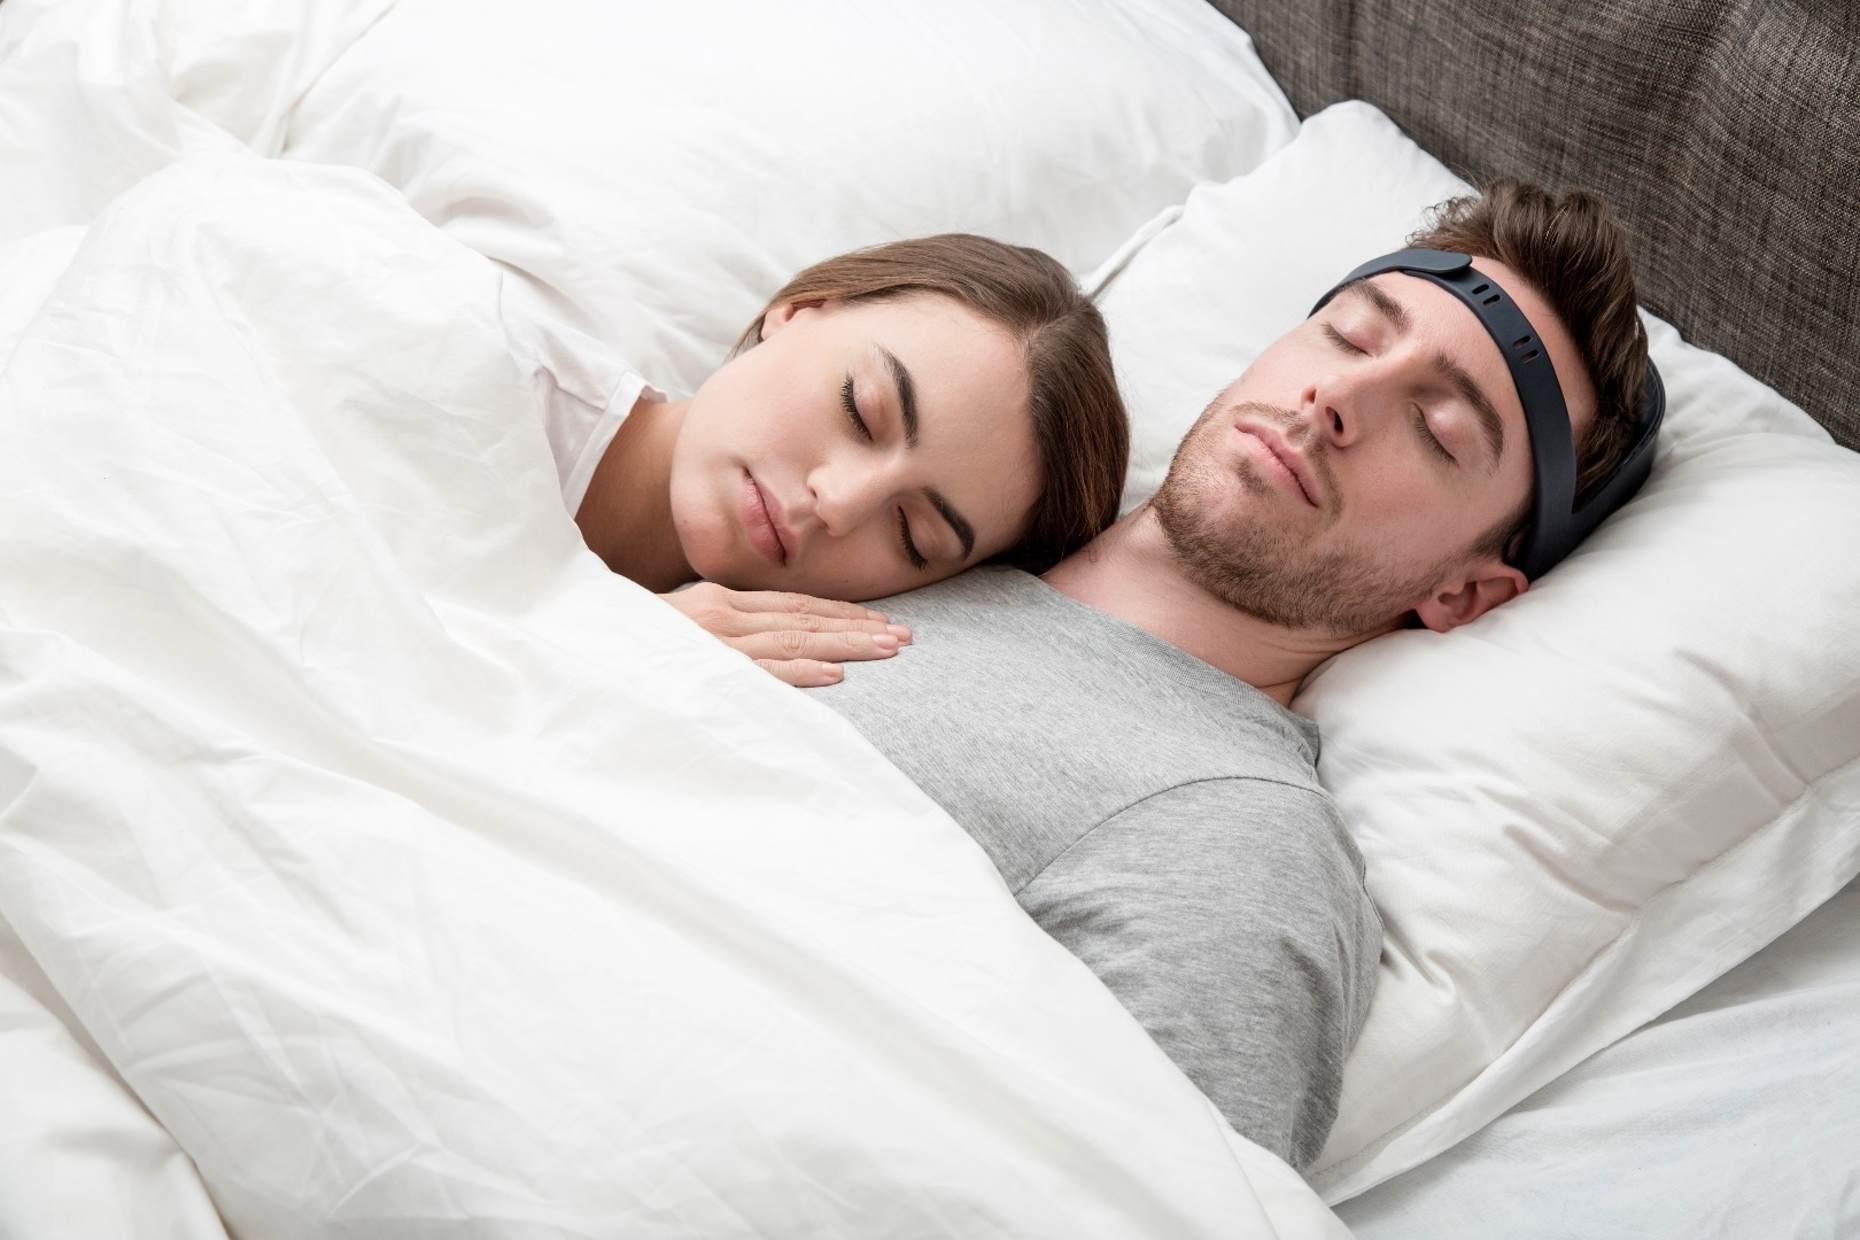 为什么睡觉身体会抖动,如何用酵素调理?